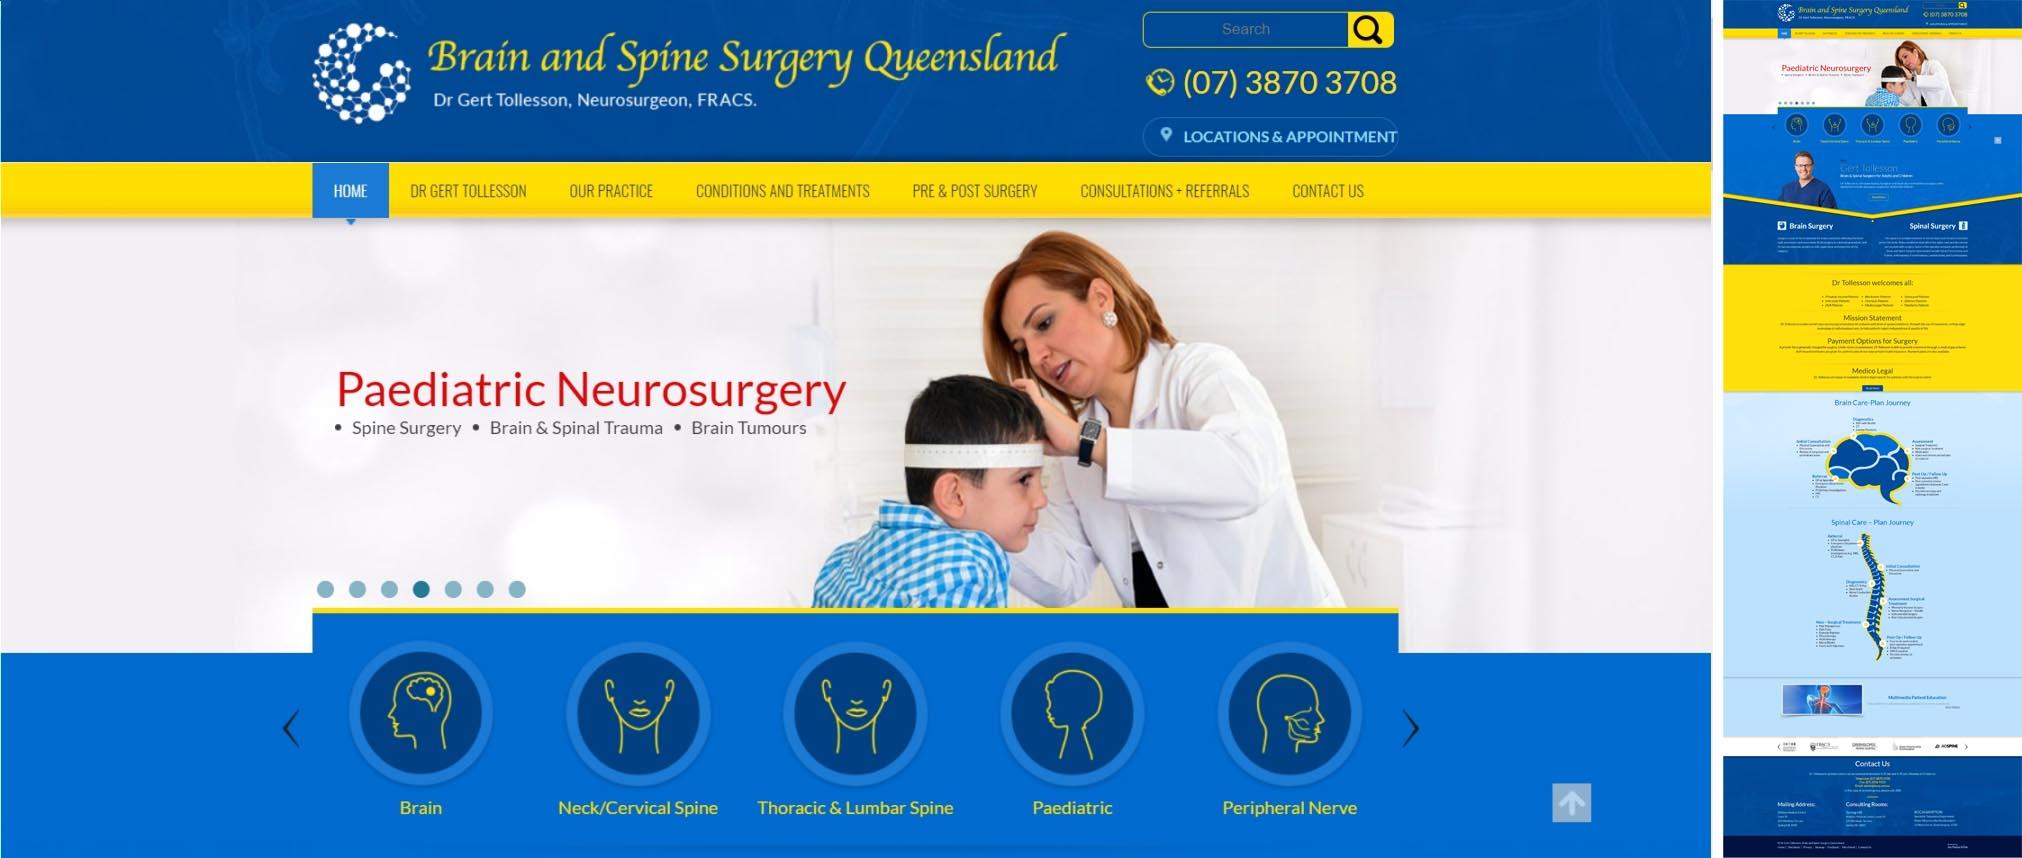 brain-spine-surgeon-qld.jpg